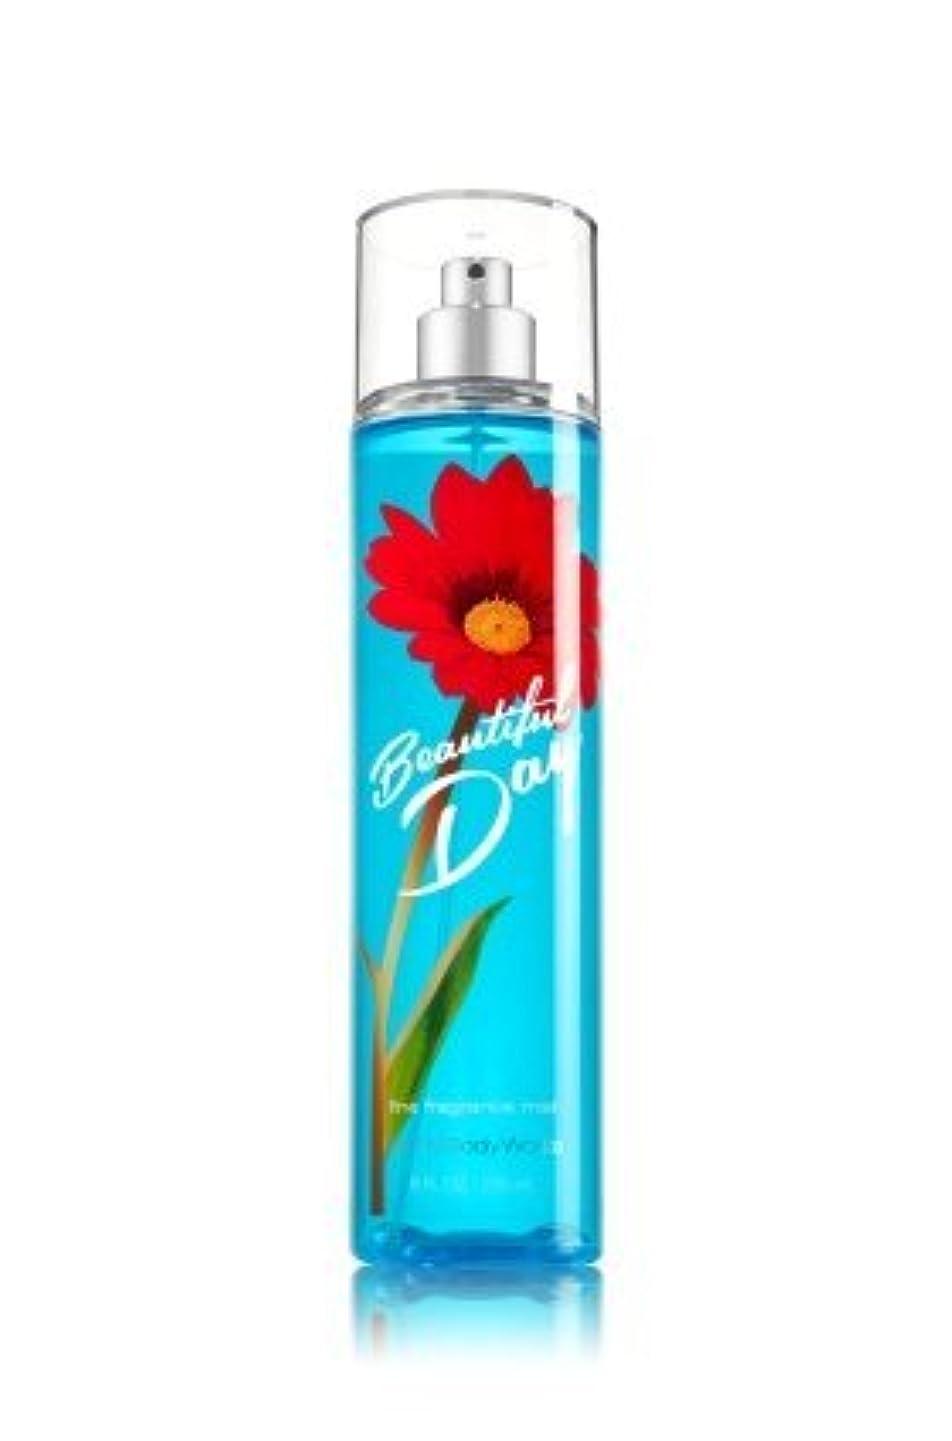 不良品任命する公【Bath&Body Works/バス&ボディワークス】 ファインフレグランスミスト ビューティフルデイ Fine Fragrance Mist Beautiful Day 8oz (236ml) [並行輸入品]